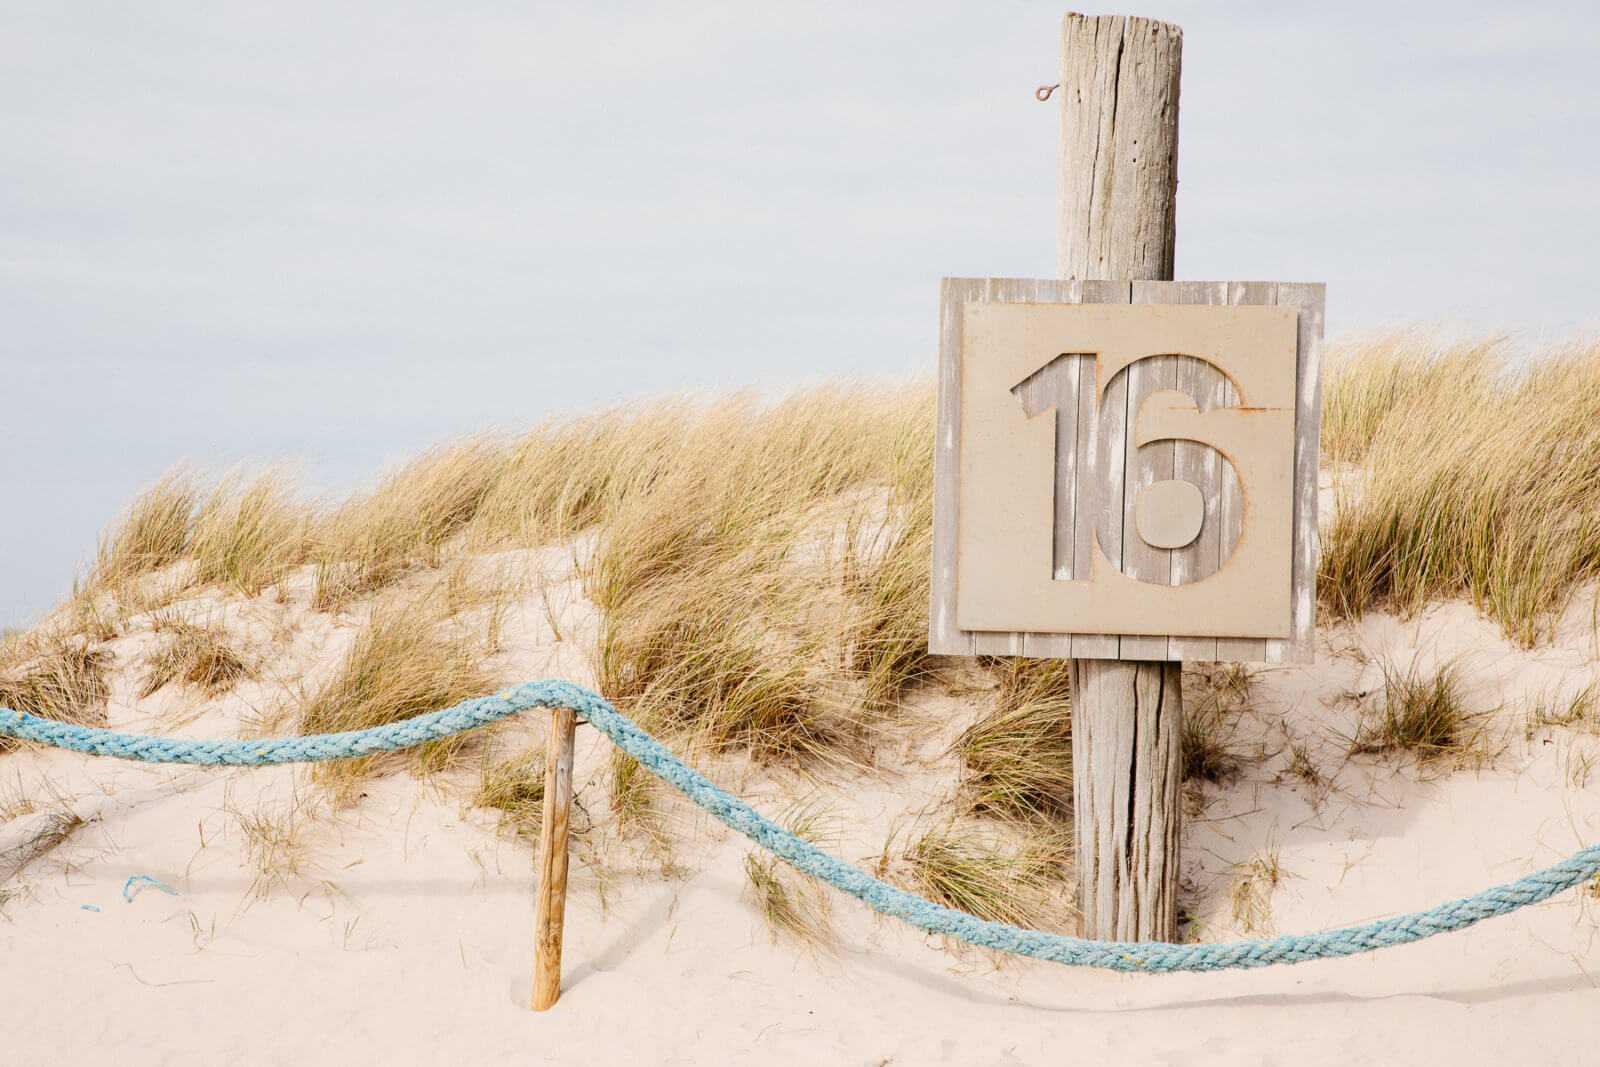 Sylt Sehenswürdigkeiten Buhne 16 Kampen Strand